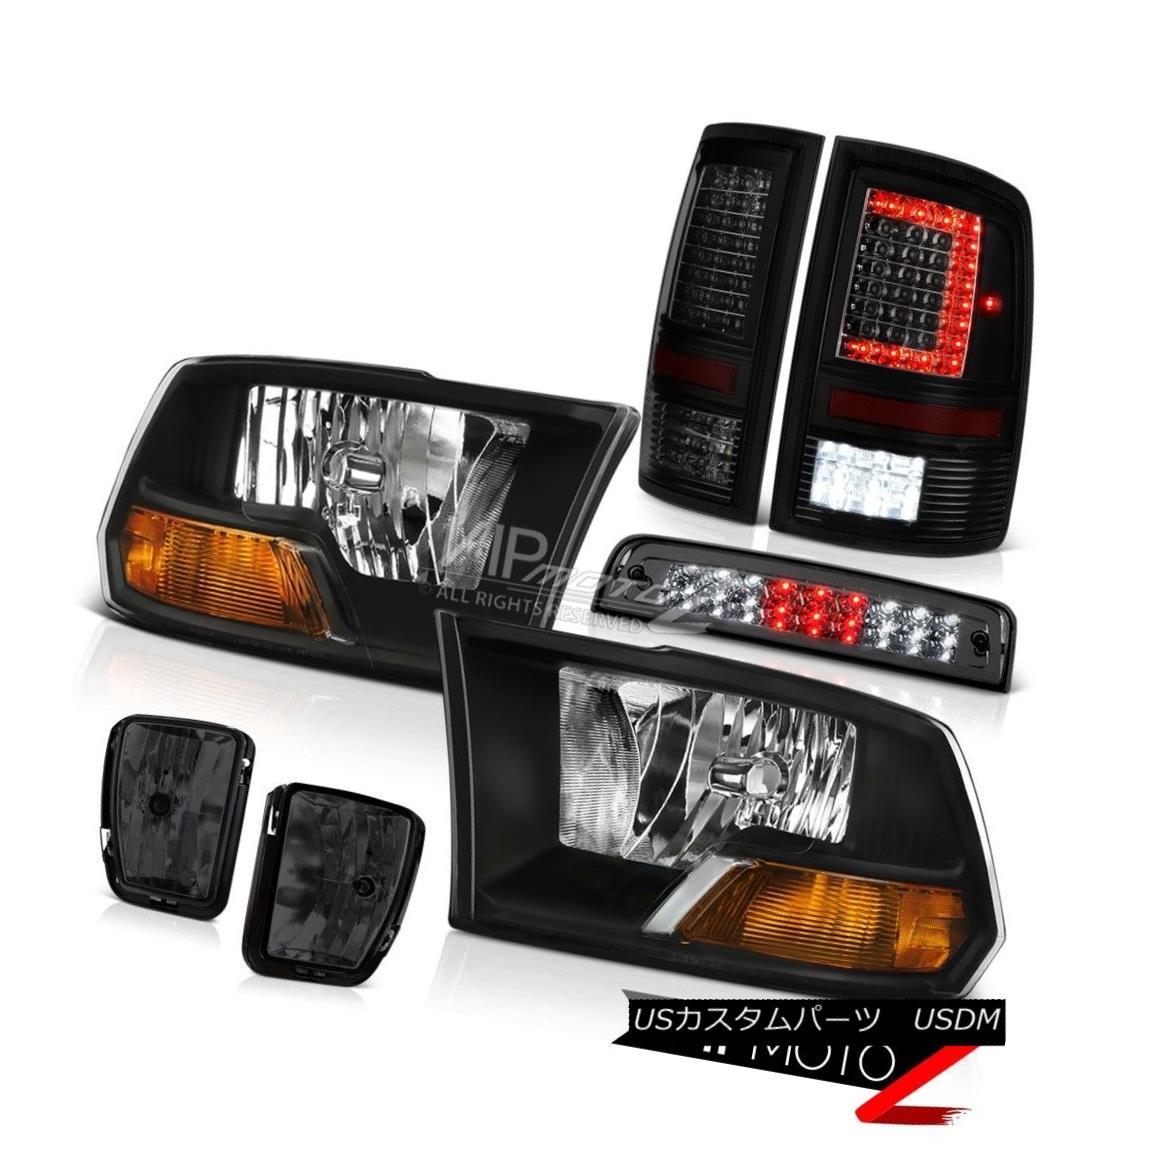 ヘッドライト 13-17 RAM 1500 Tail Lamp Fog Lamps Brake Lights Factory Style Head Replacement 13-17 RAM 1500テールランプフォグランプブレーキライト工場風ヘッド交換